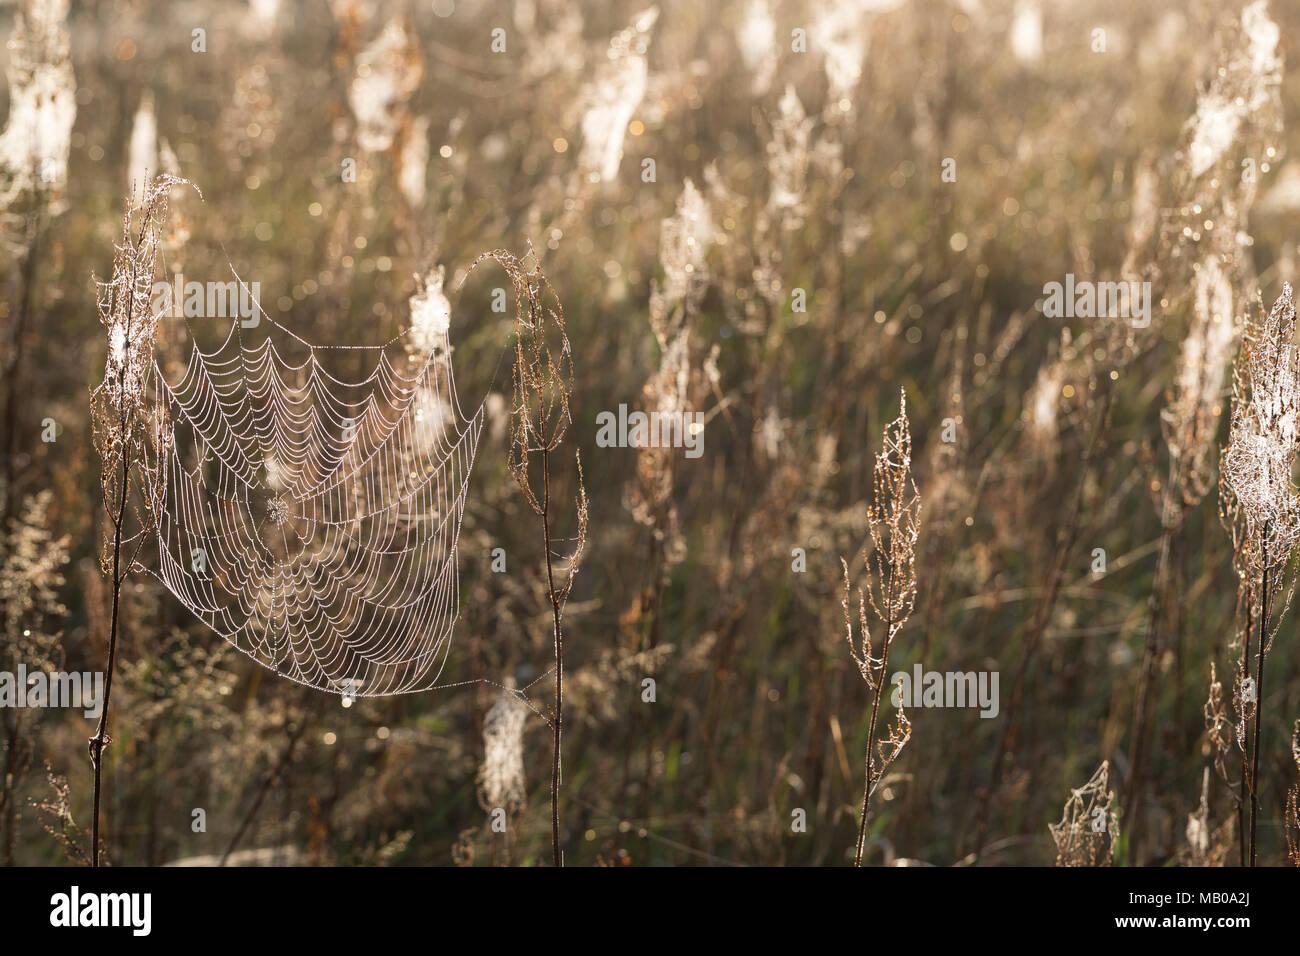 Spinnennetze, Spinnennetz im Herbst, herbstlichen Morgentau, Tautropfen, Altweibersommer. cobweb, cobwebs, spider's web, spiderweb, spider's webs, spi - Stock Image